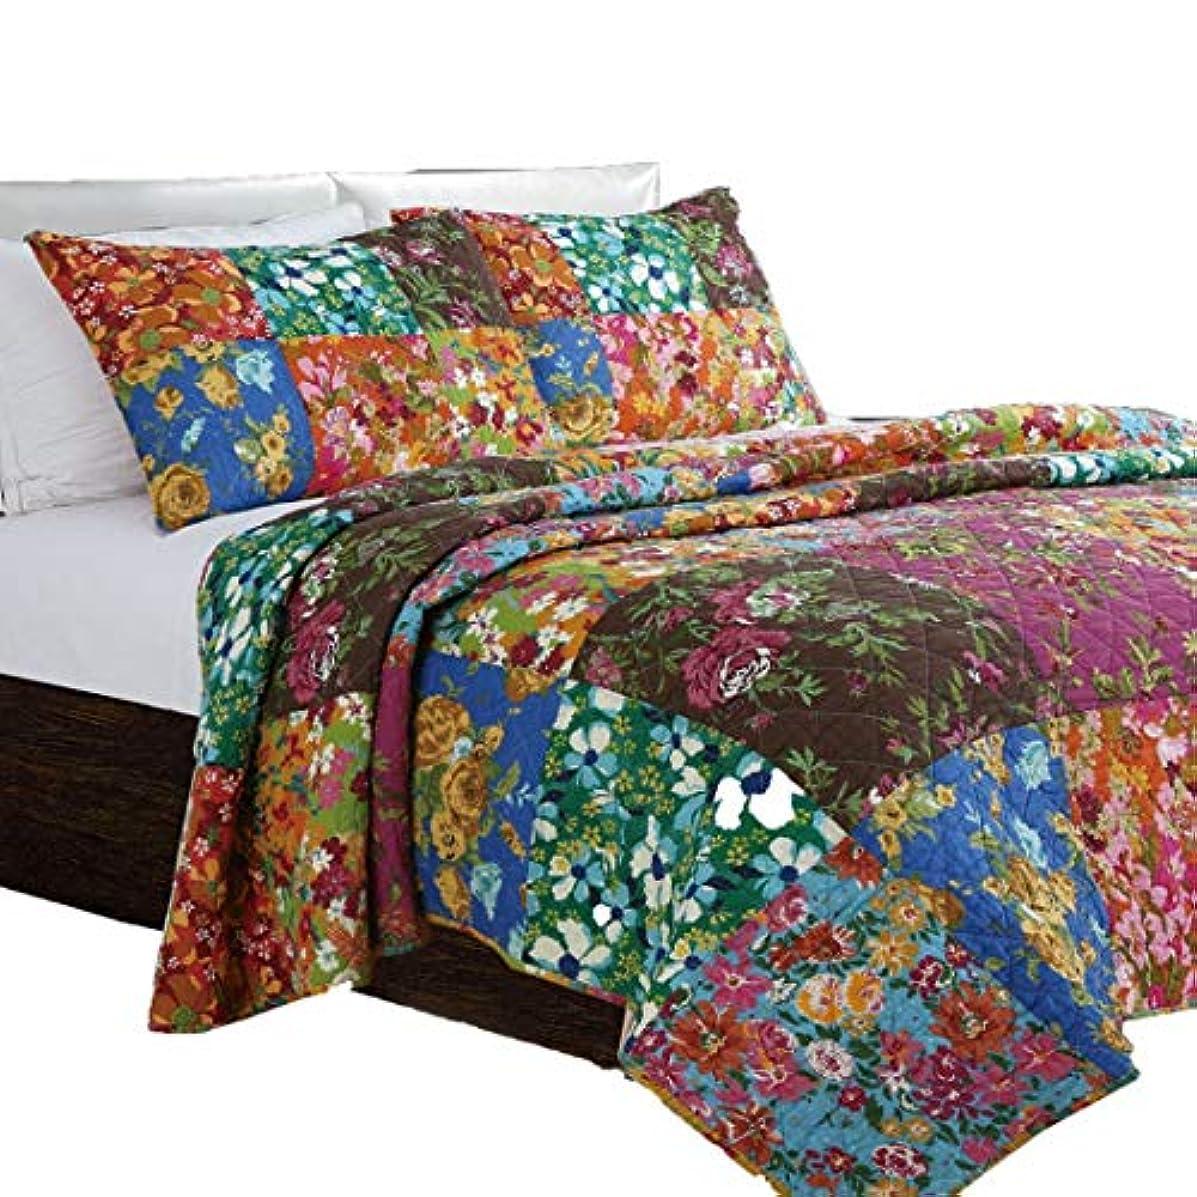 記述する鉱石強制的FENXIMEI キルティングキルト、ベッド カバー コットン 3ピース ハンド ステッチキルティング シート 高級 ベッド シート セット (色 : Multicolor)